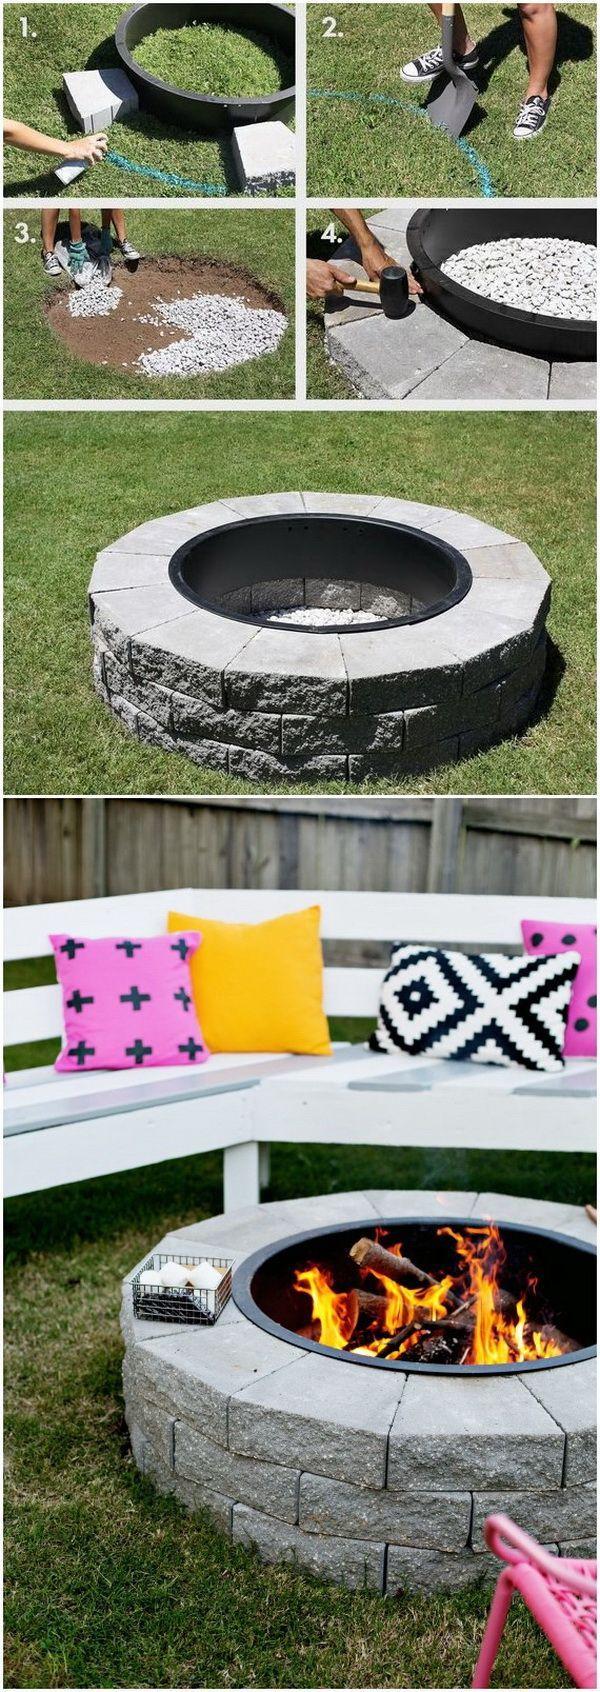 die besten 25 schwenkgrill selber bauen ideen auf pinterest gabionenwandgestaltung grill. Black Bedroom Furniture Sets. Home Design Ideas